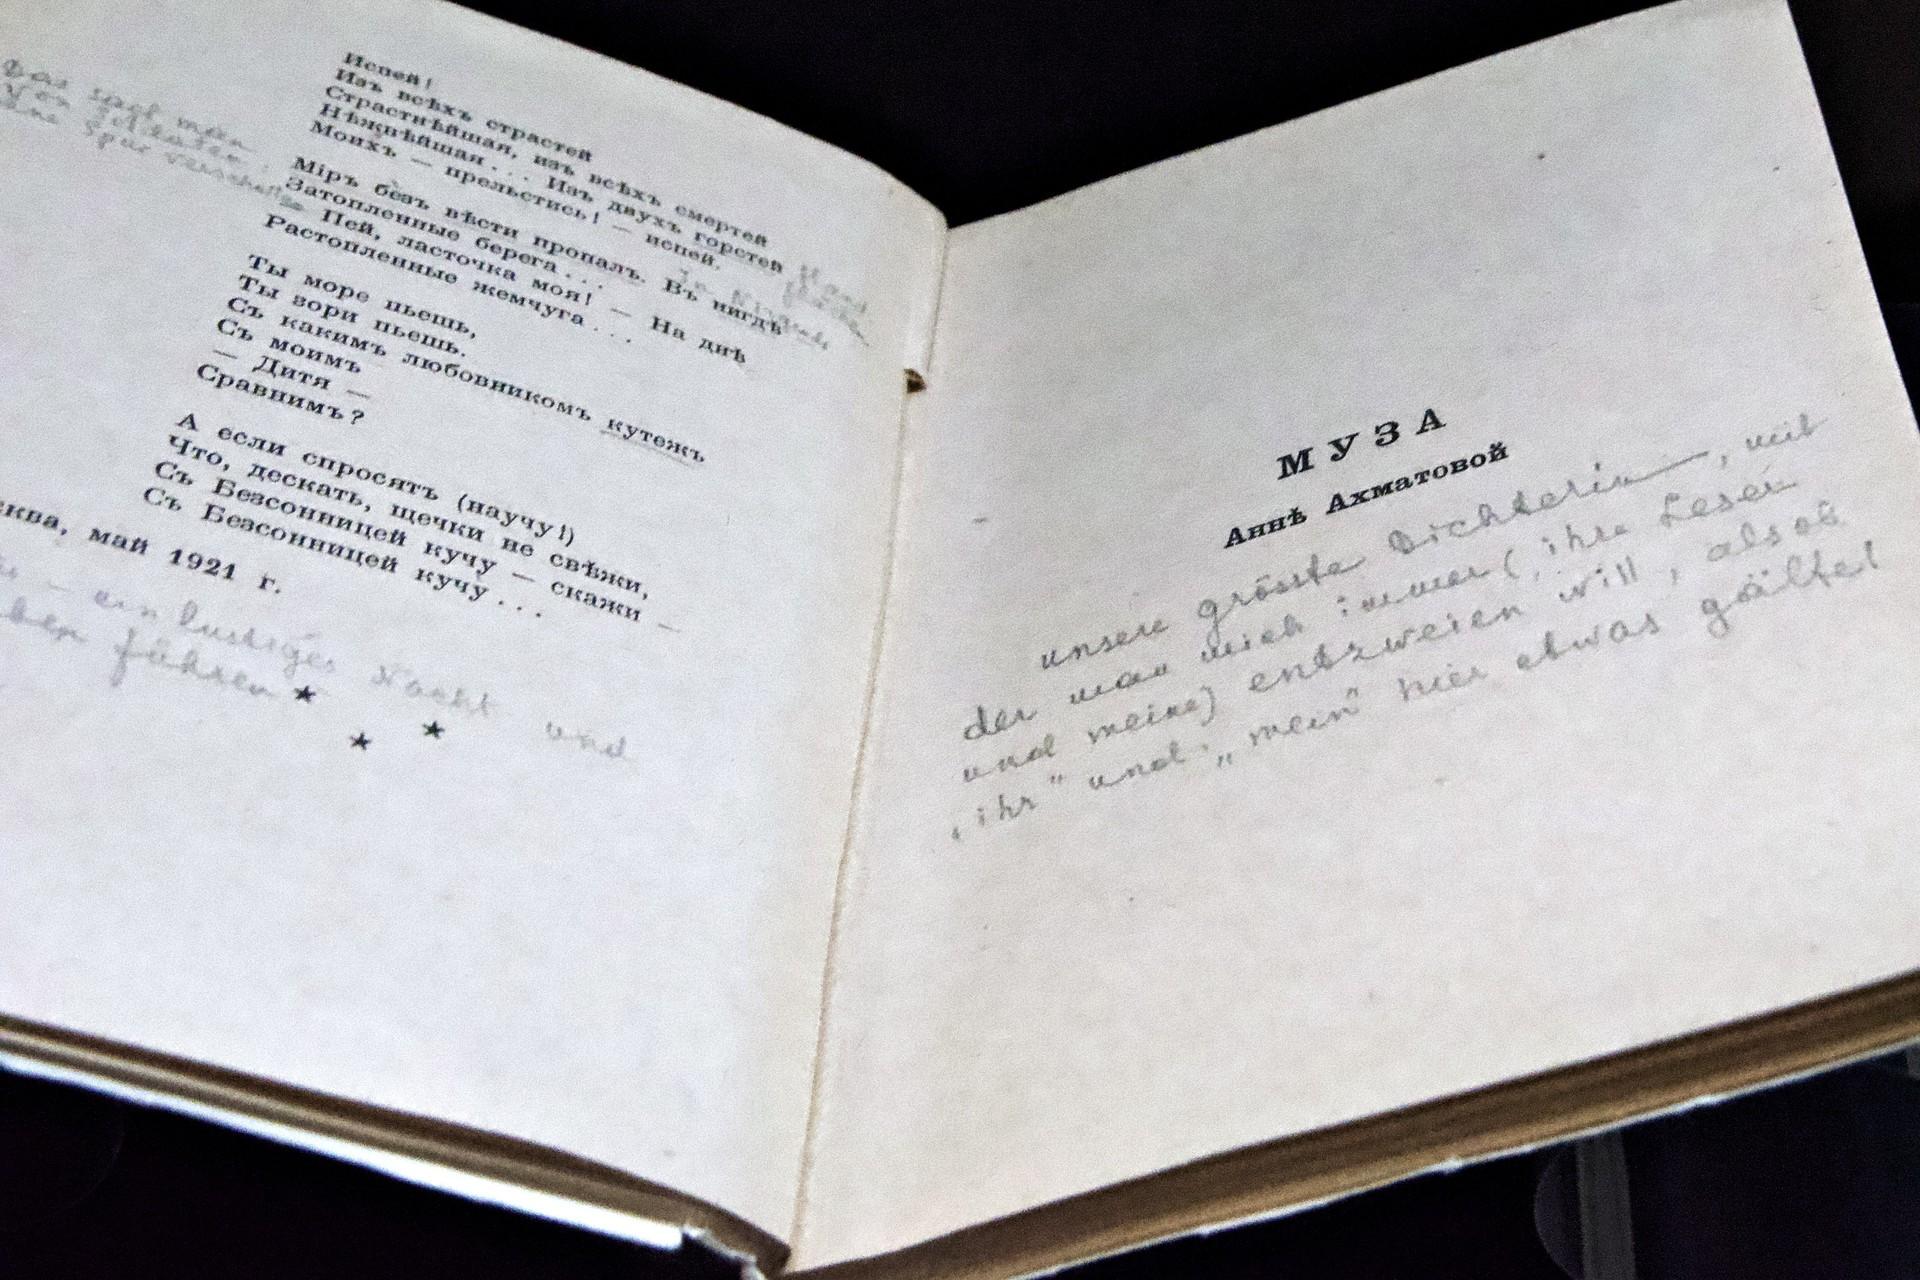 """Ausstellung """"Rilke und Russland"""" vom 7. Februar bis zum 31. März 2018 im Staatlichen Wladimir-Dal-Literaturmuseum in  Moskau"""